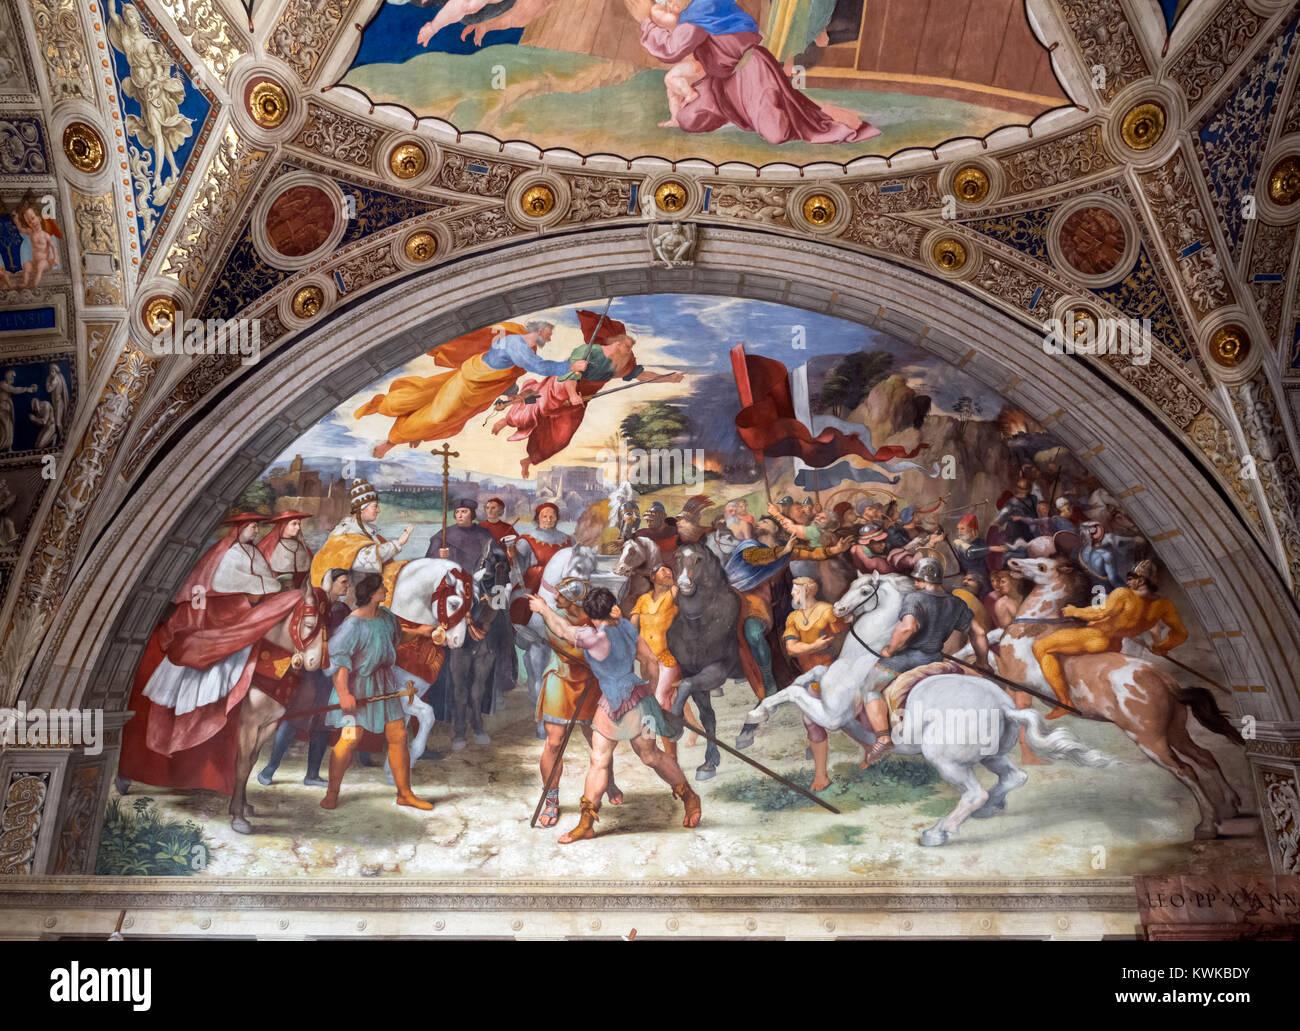 Fresco entitled Encounter of Leo the Great with Attila by Raphael (Raffaello Sanzio da Urbino, 1483-1520), c.1513 - Stock Image